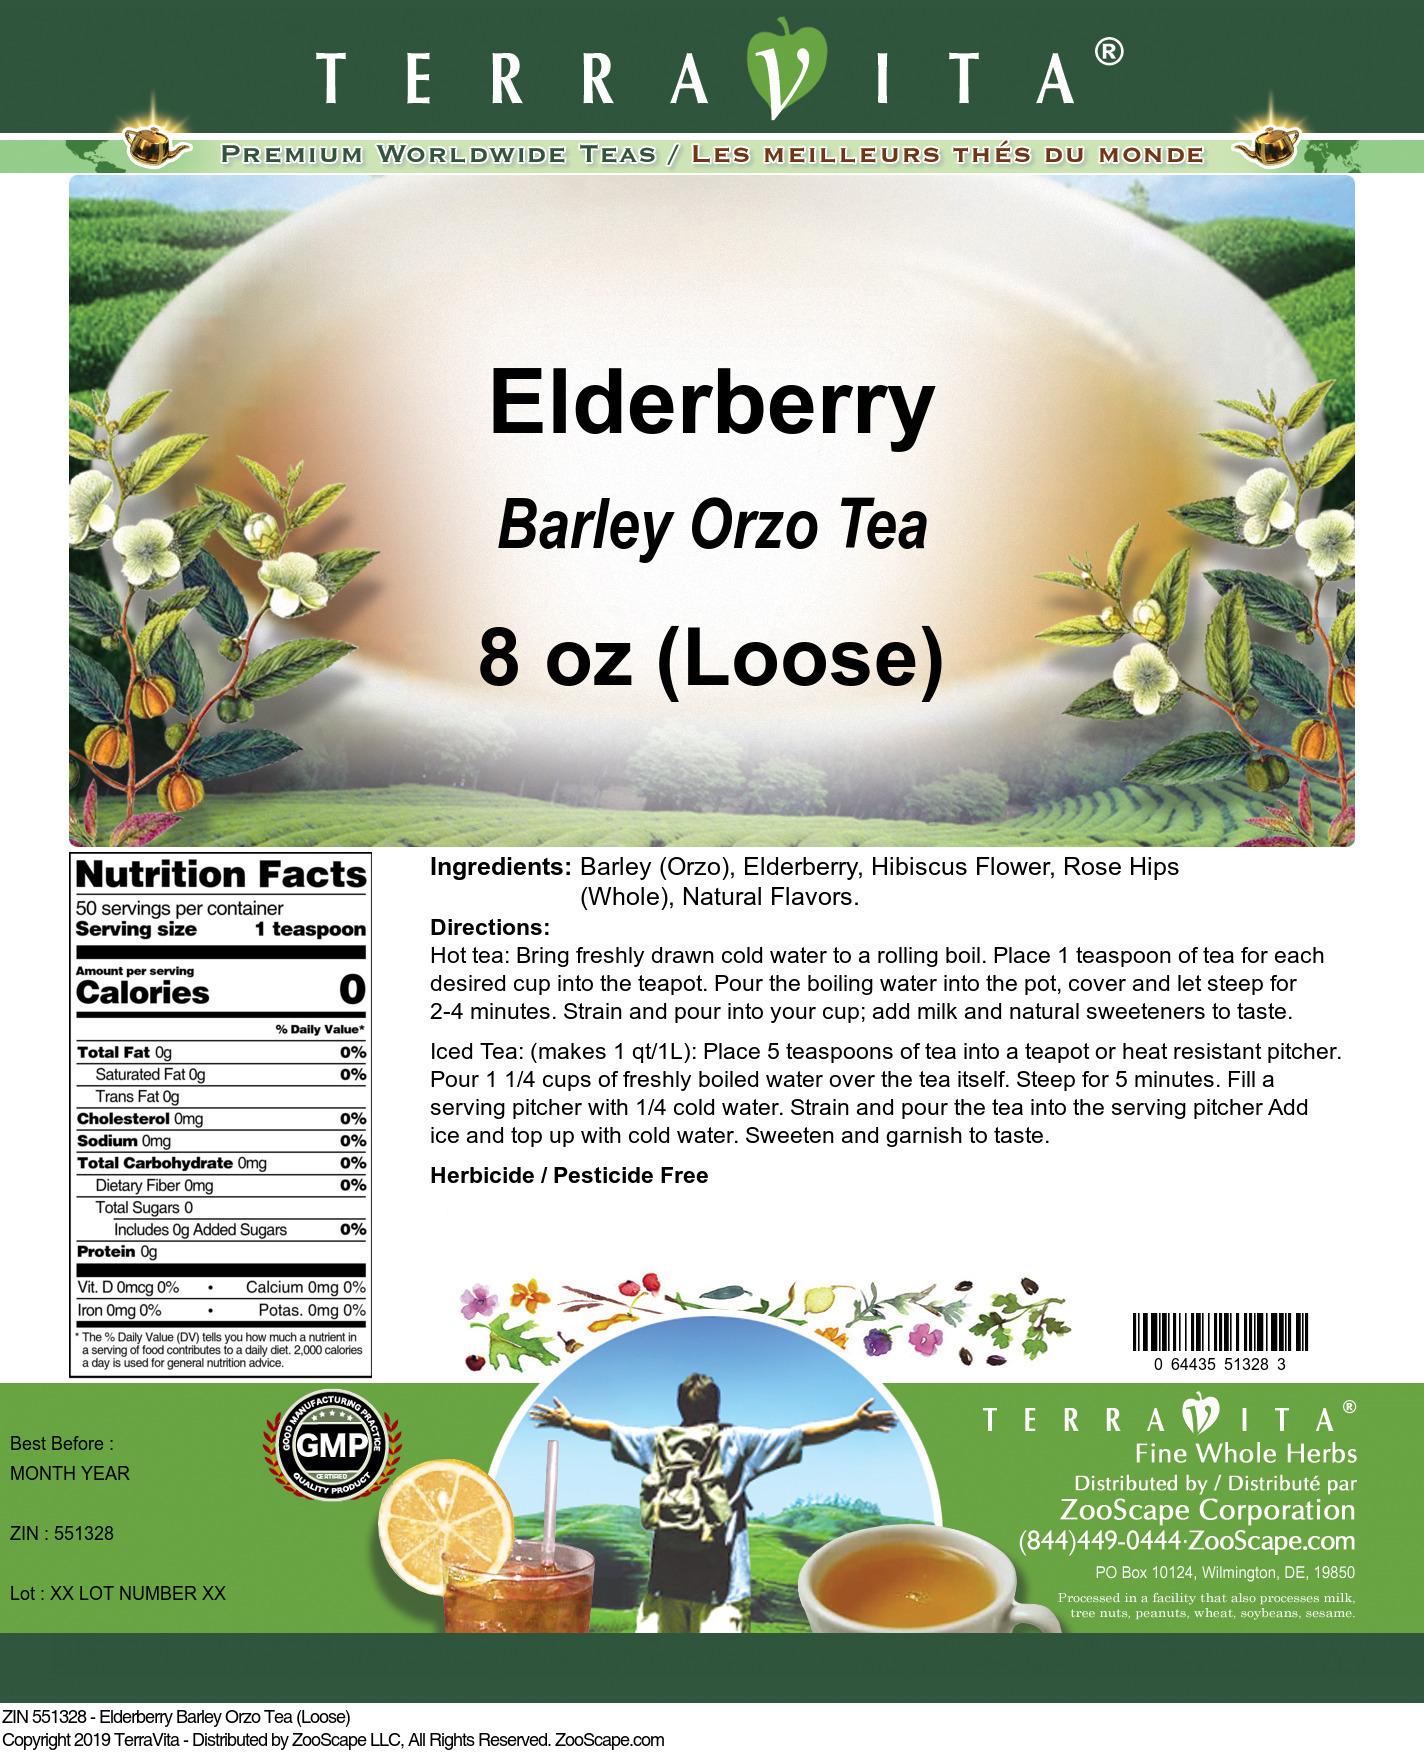 Elderberry Barley Orzo